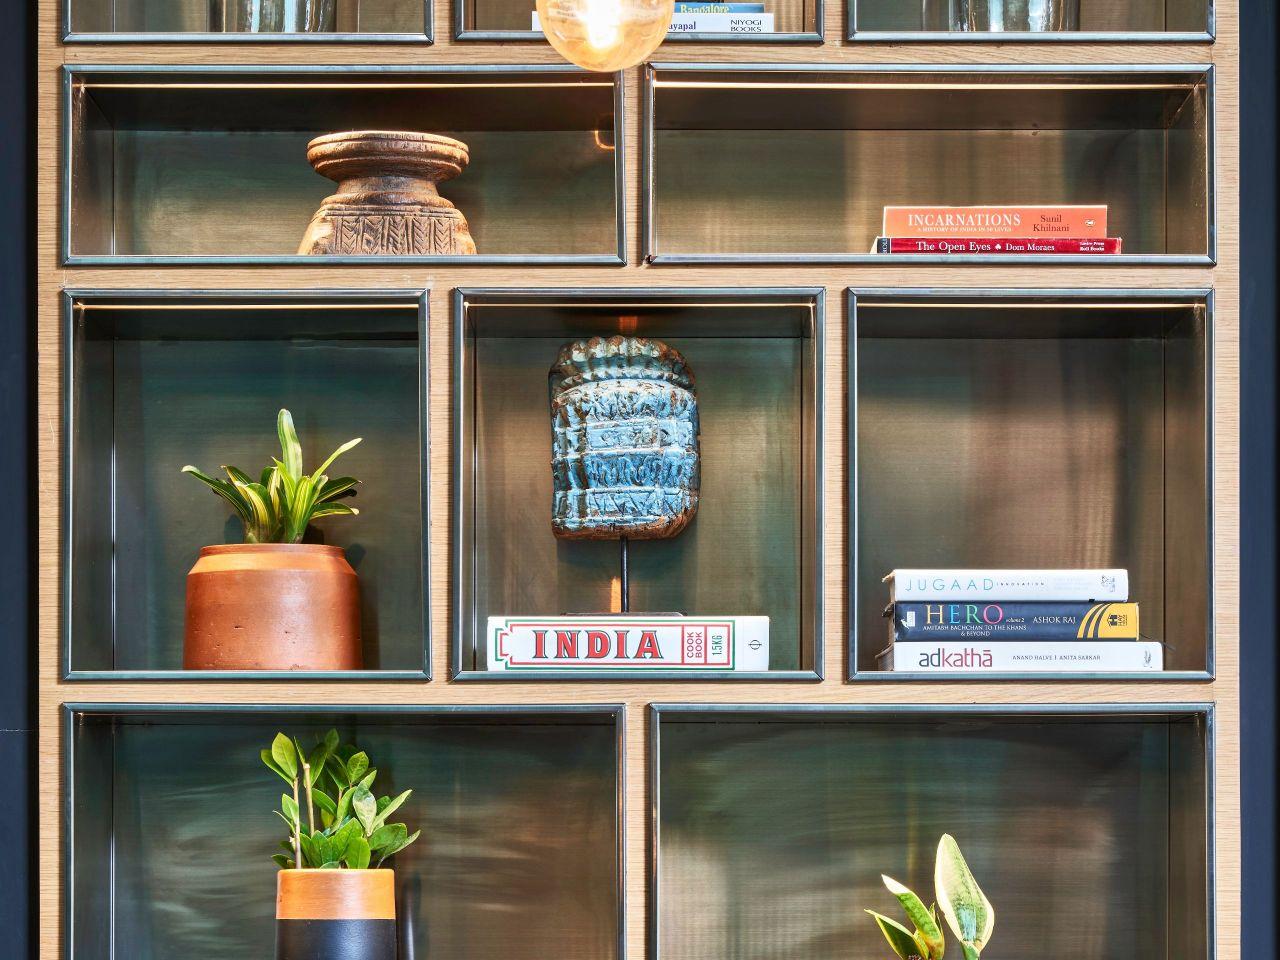 lobby shelf